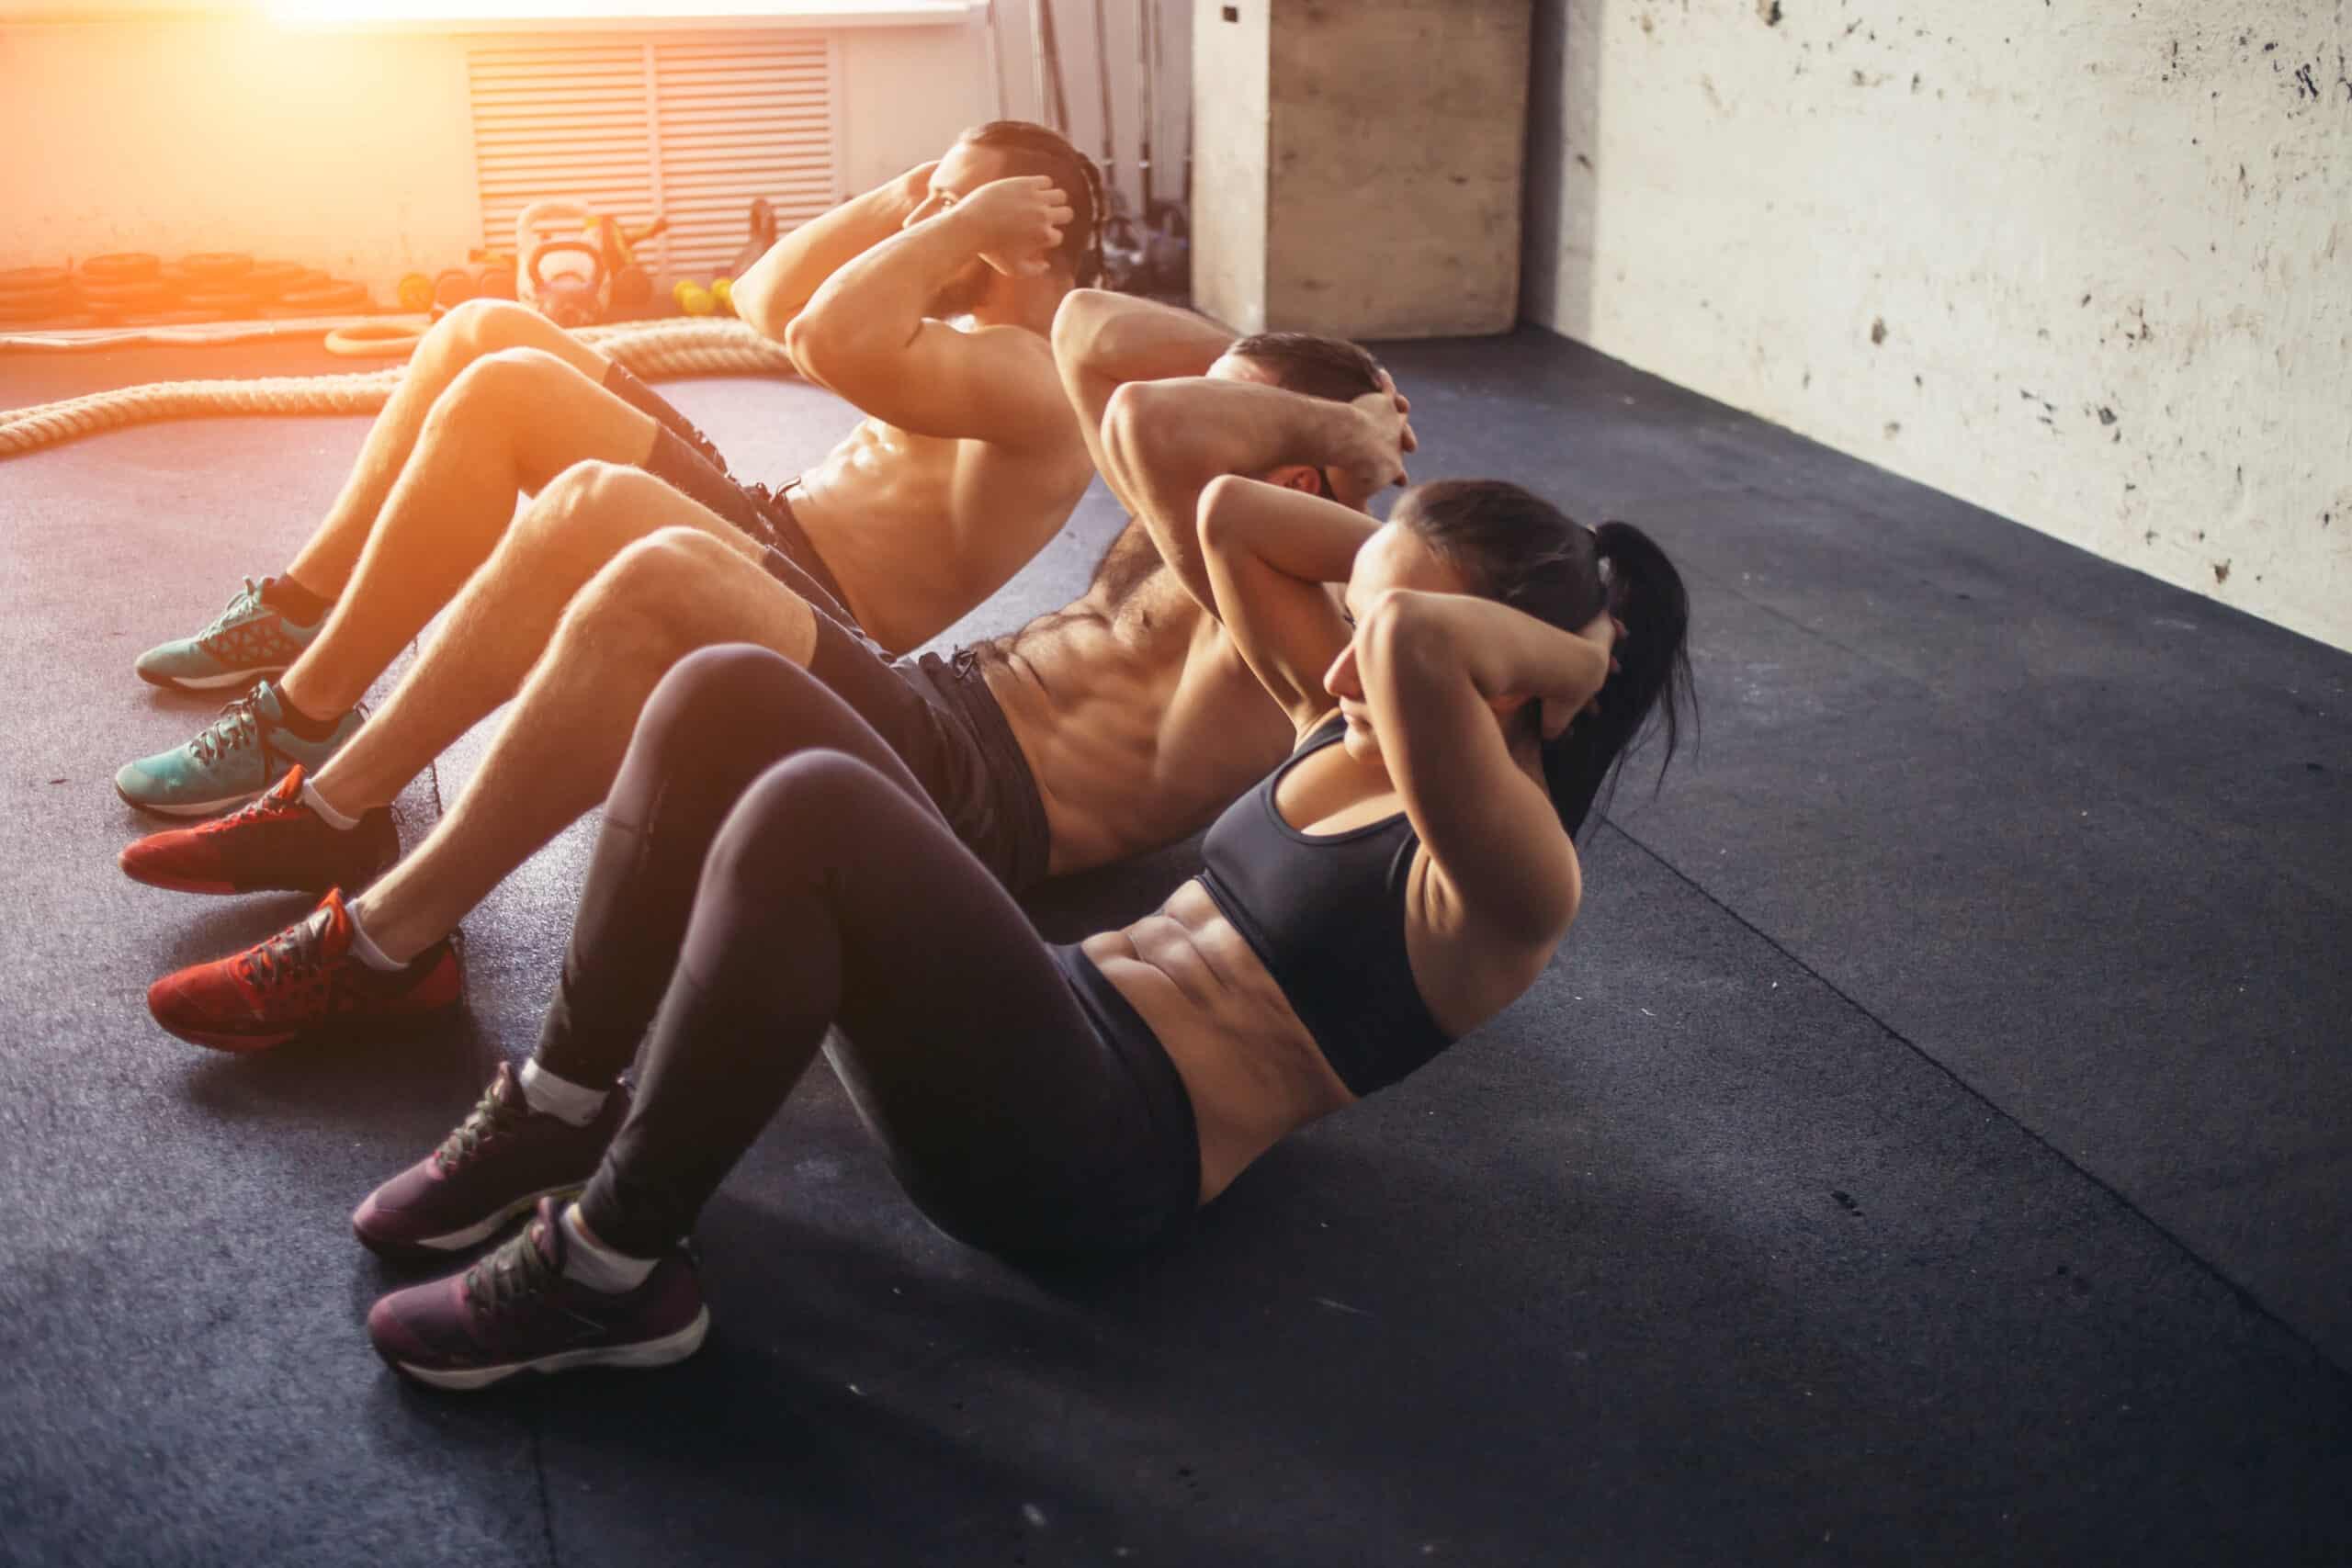 Ieteikumi svara samazināšanai. Kā notievēt?